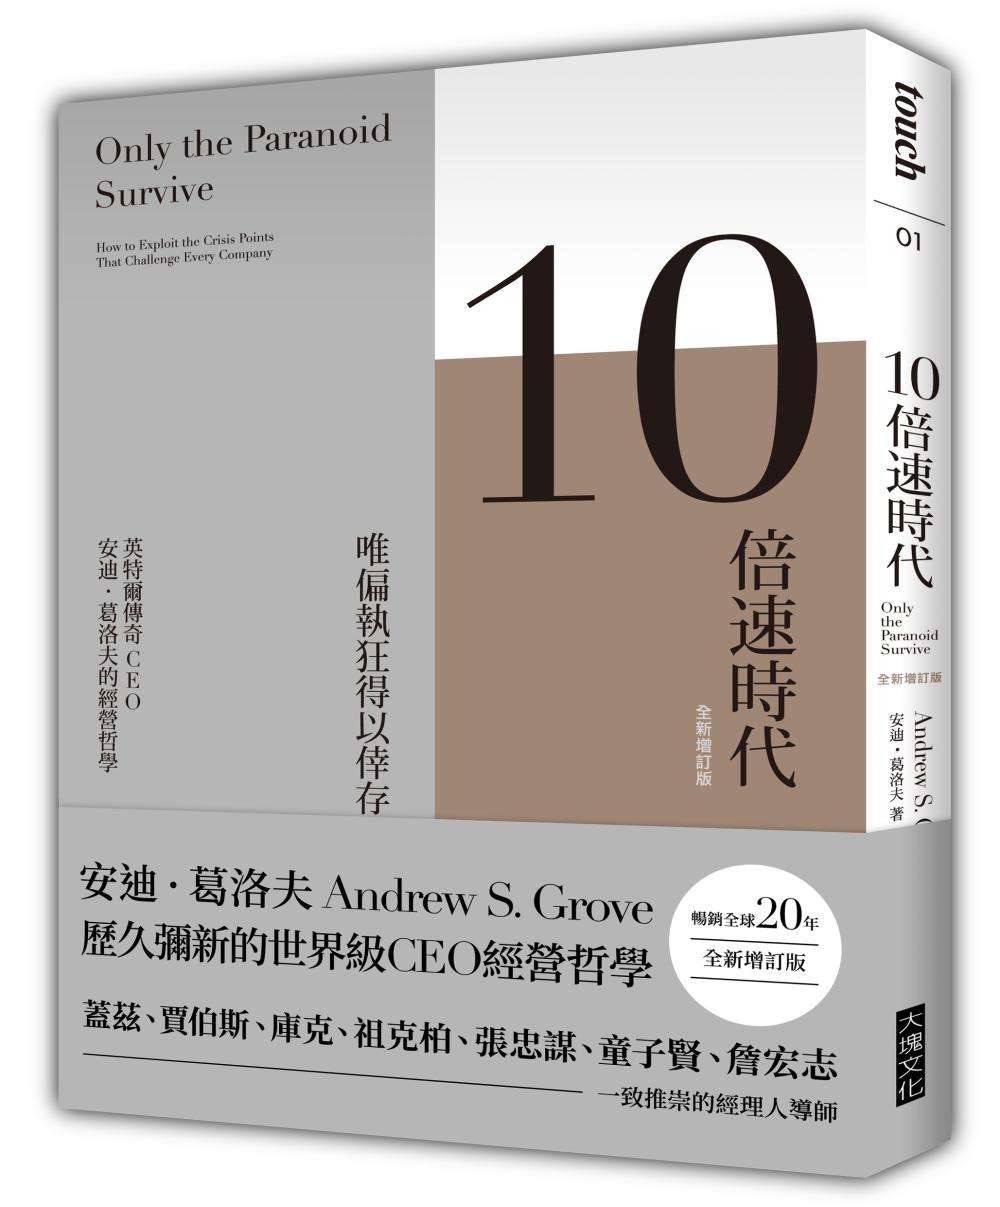 10倍速時代(新版)暢銷全球20年‧全新增訂版:唯偏執狂得以倖存  英特爾傳奇CEO 安迪.葛洛夫的經營哲學(二版)